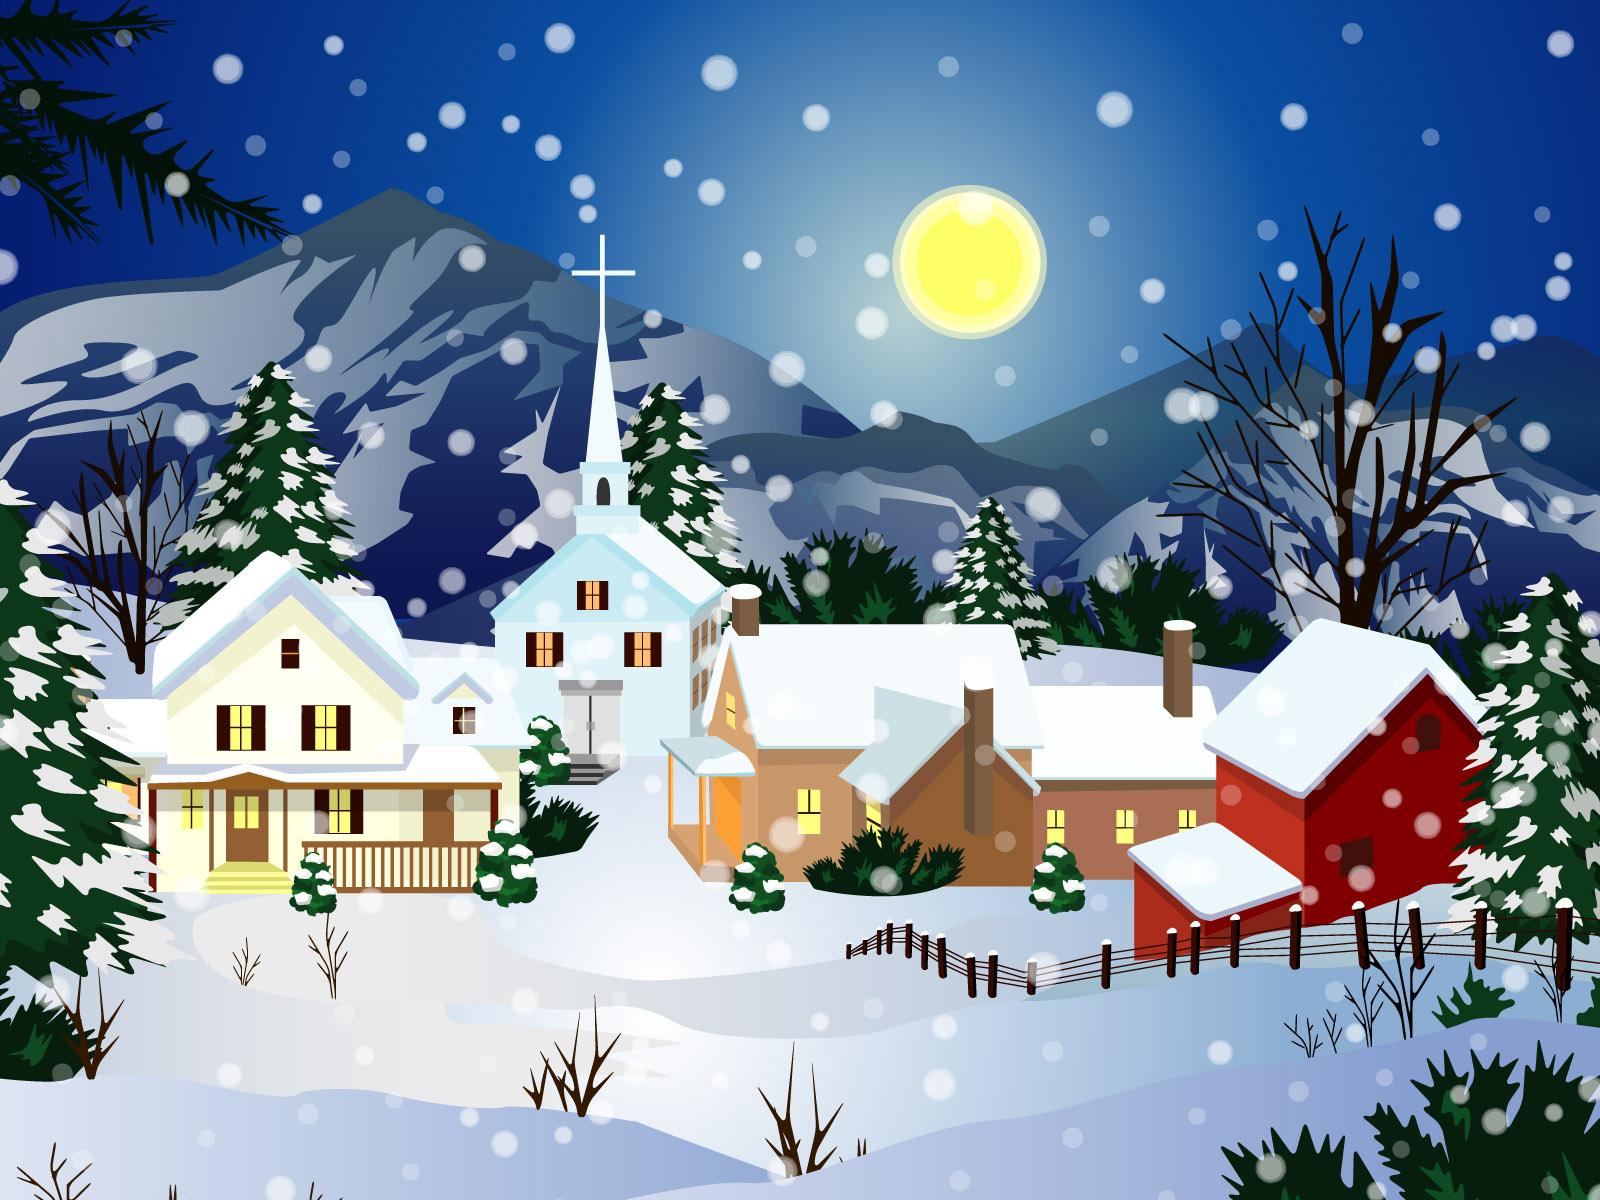 animated christmas wallpaper wallcoo com Christmas wallpaper christmas 1600x1200